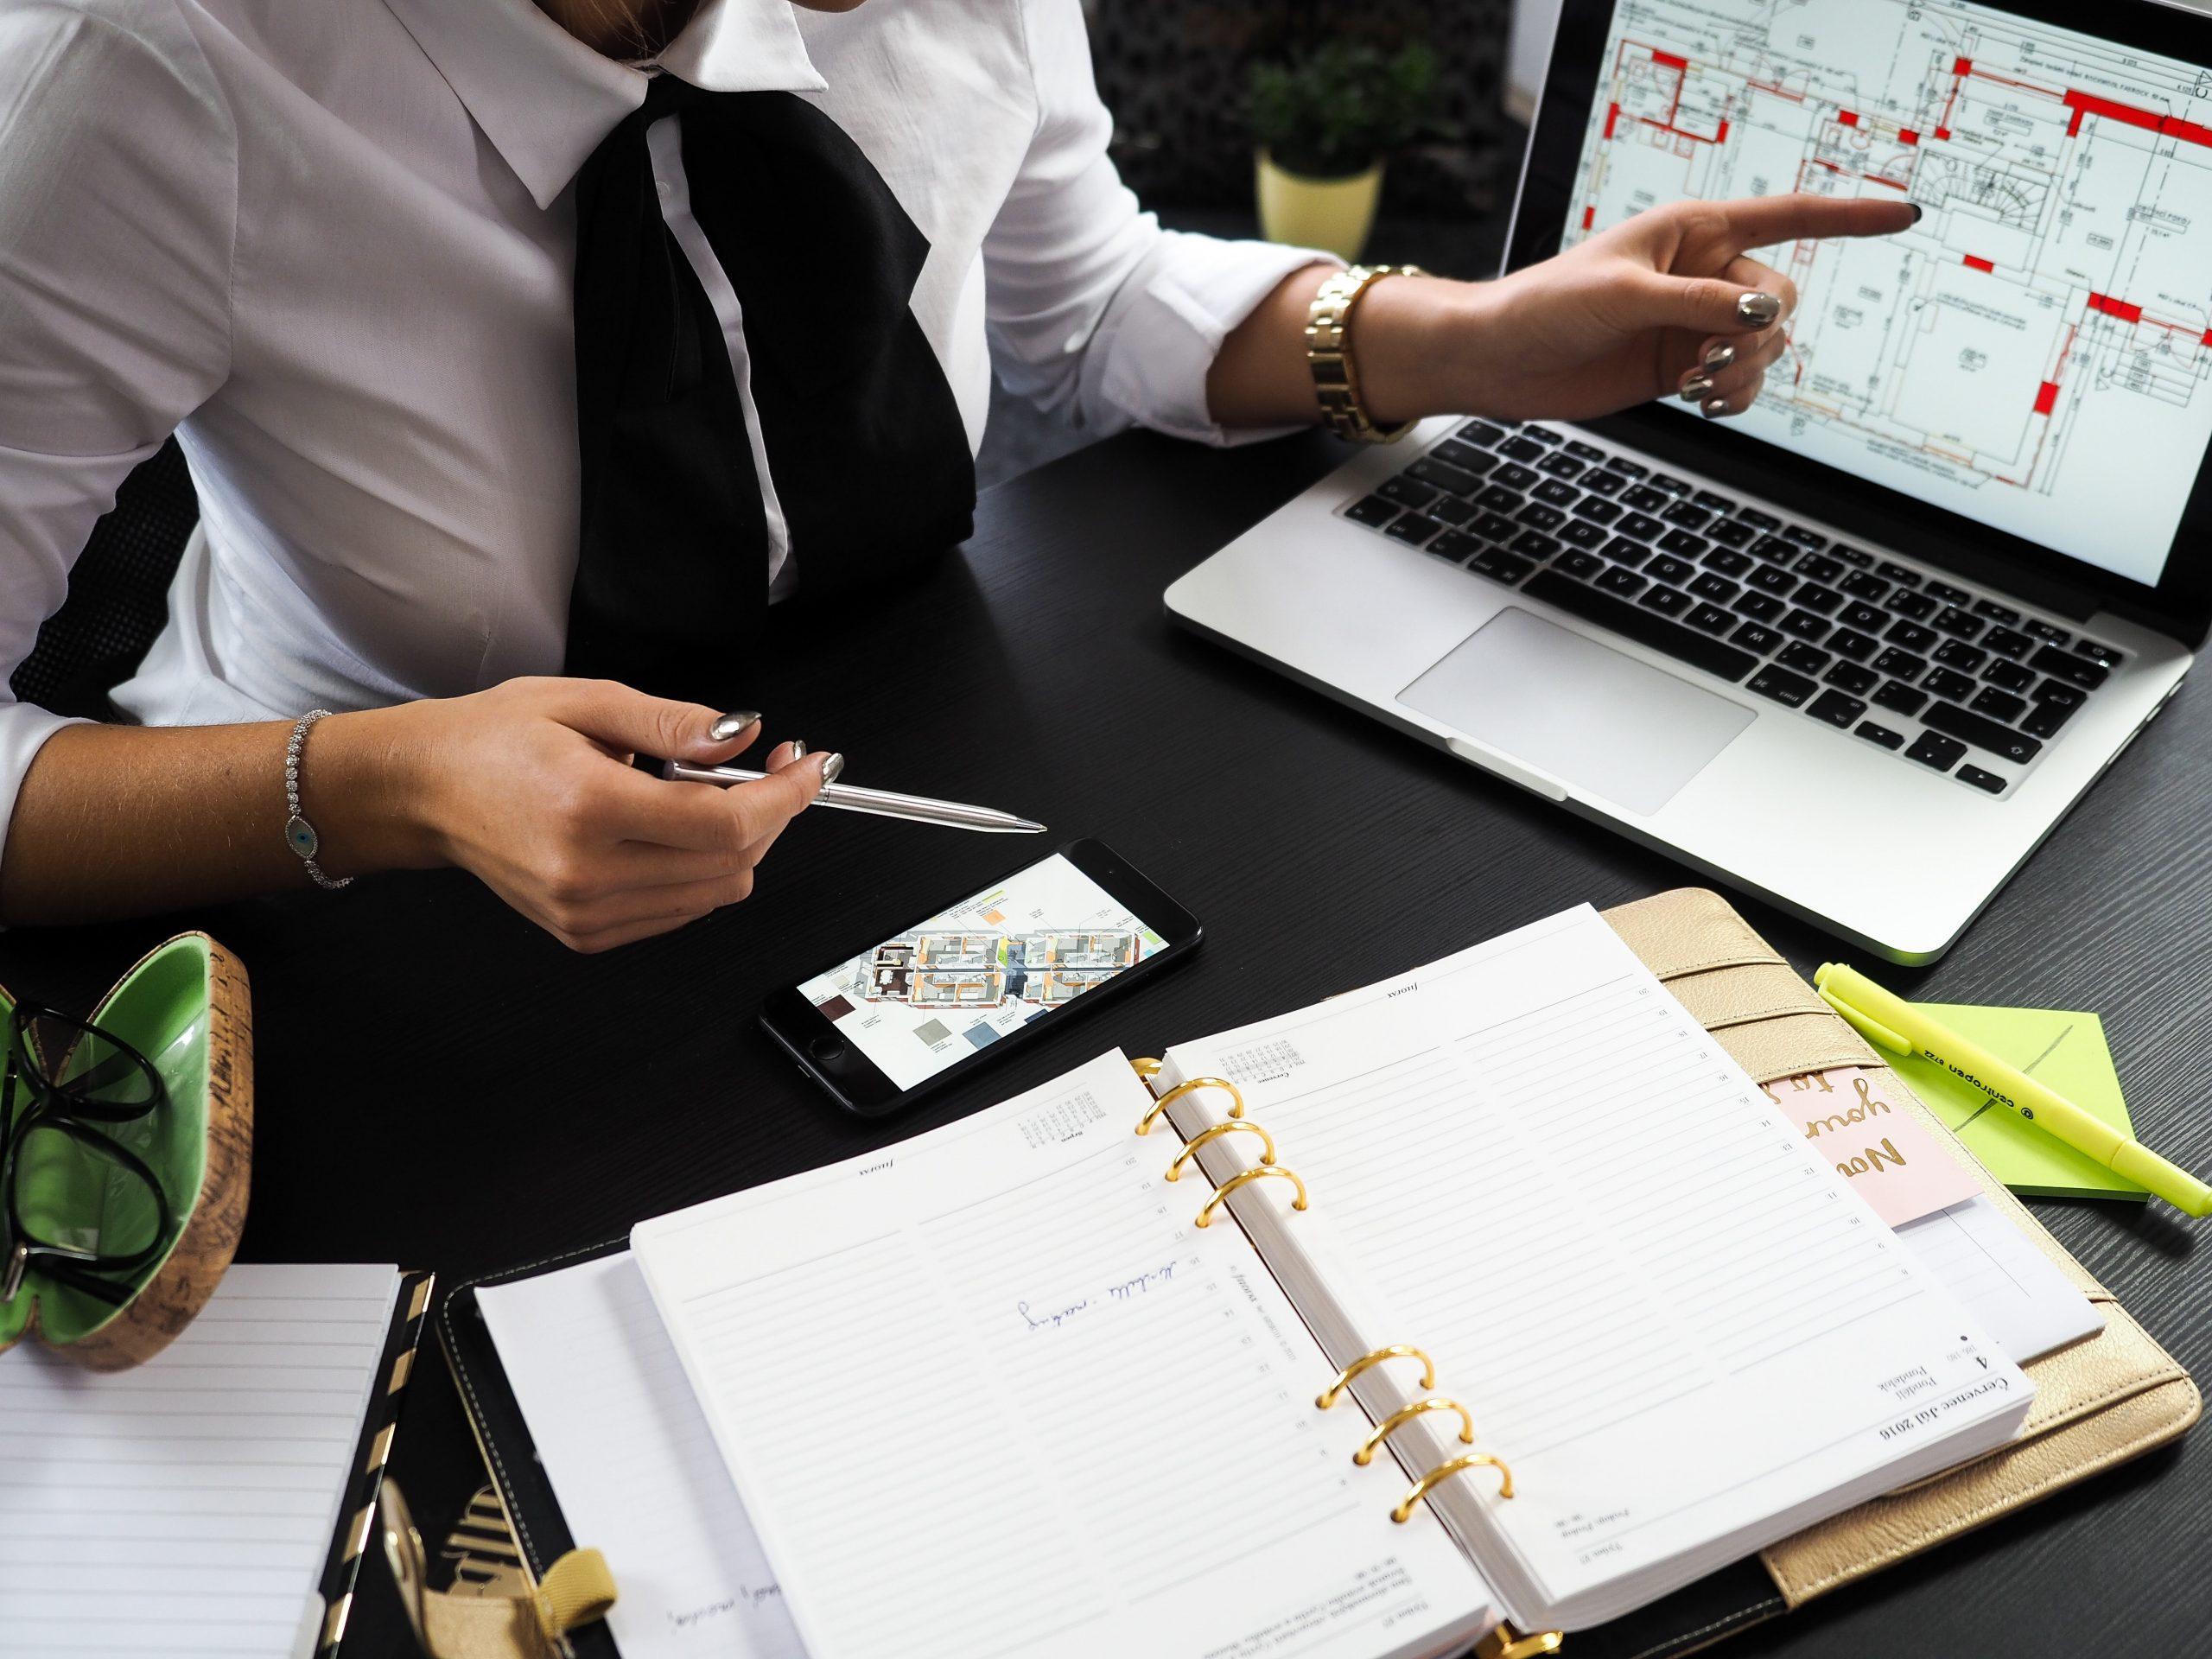 tervezőasztalon füzetek, számítógép, női kezek magyarázón